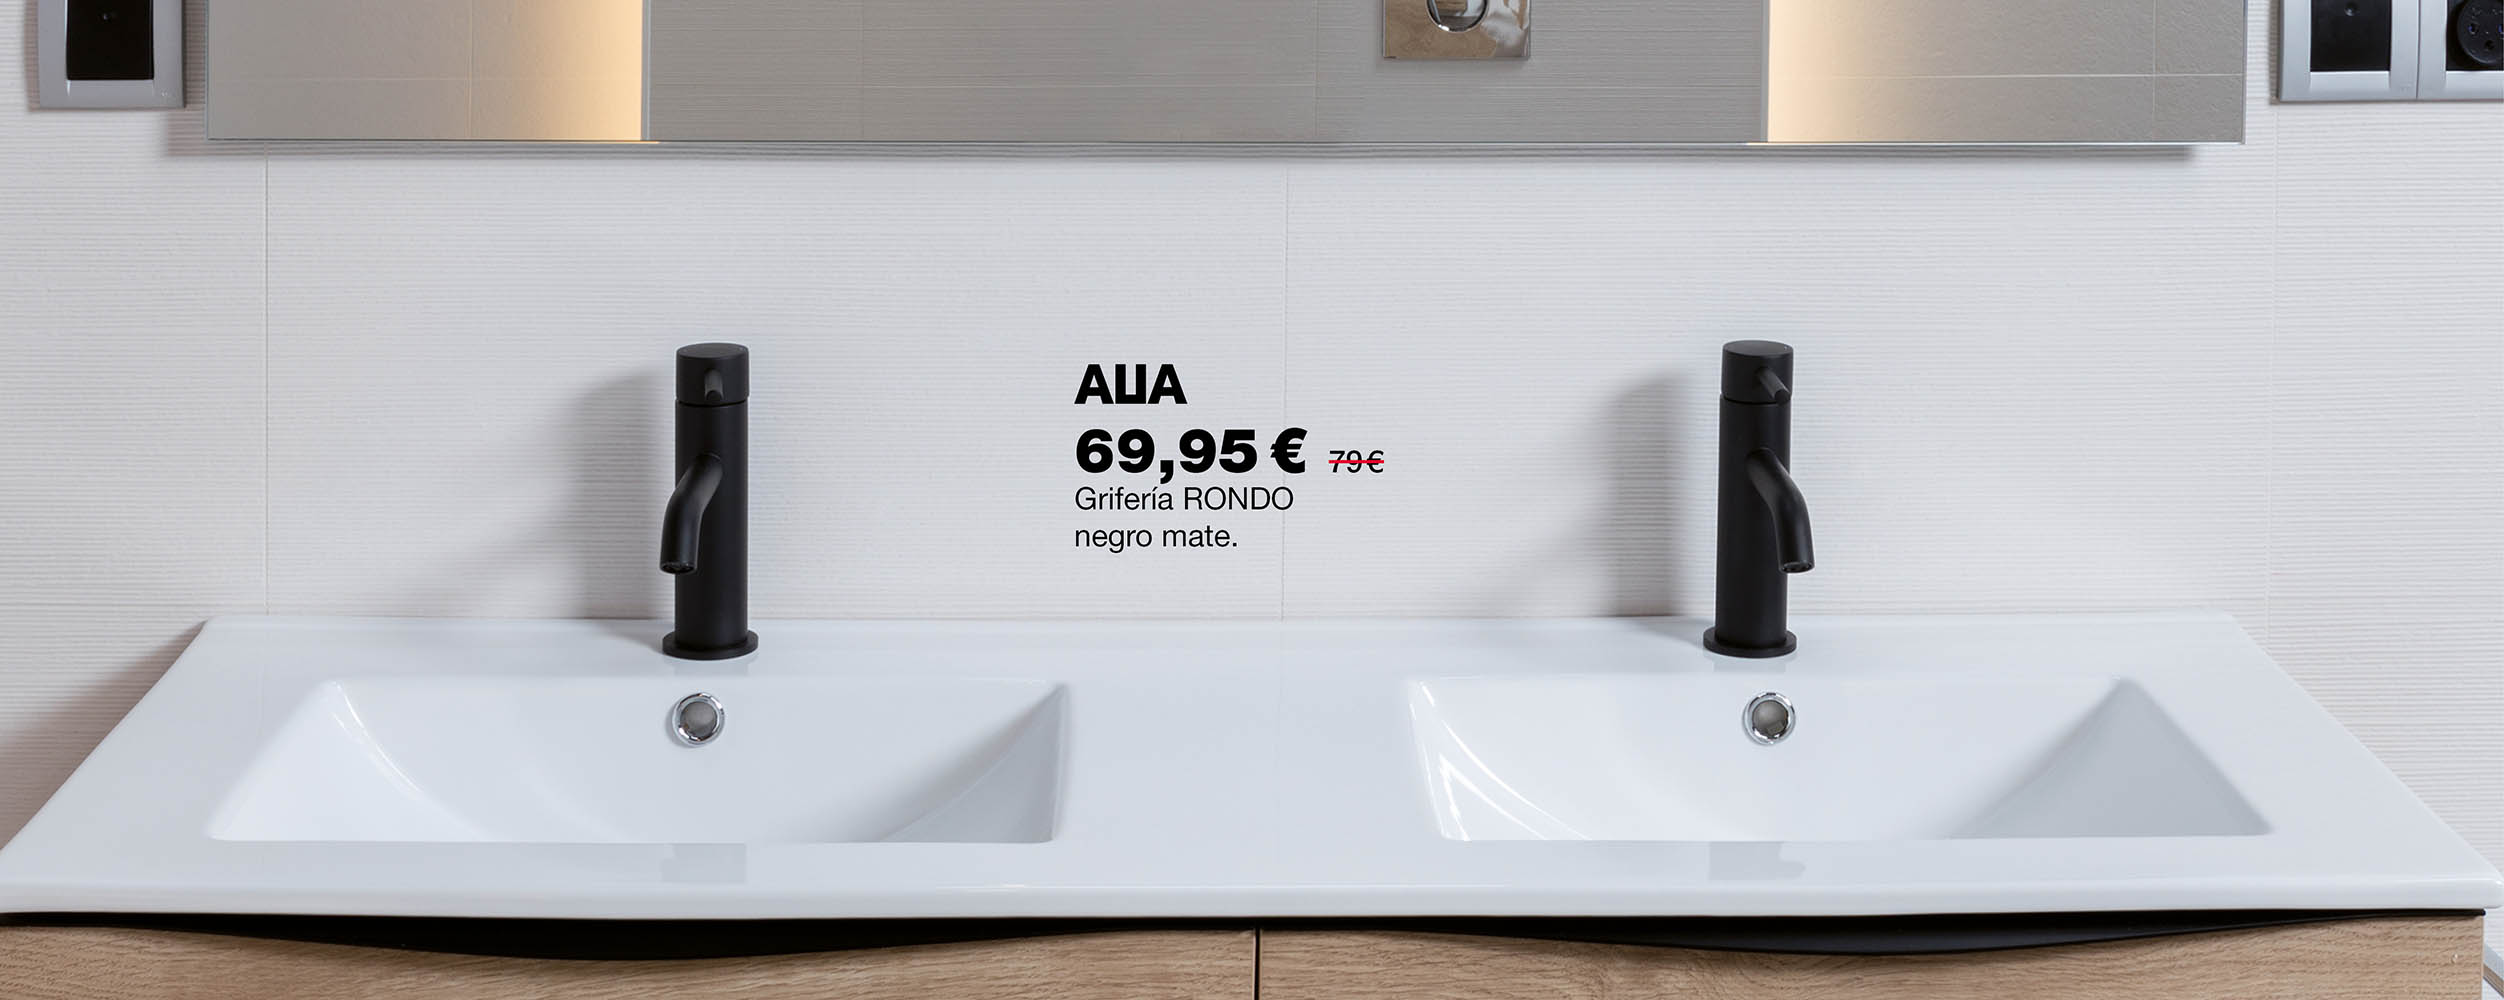 Grifo RONDO por 69,95€